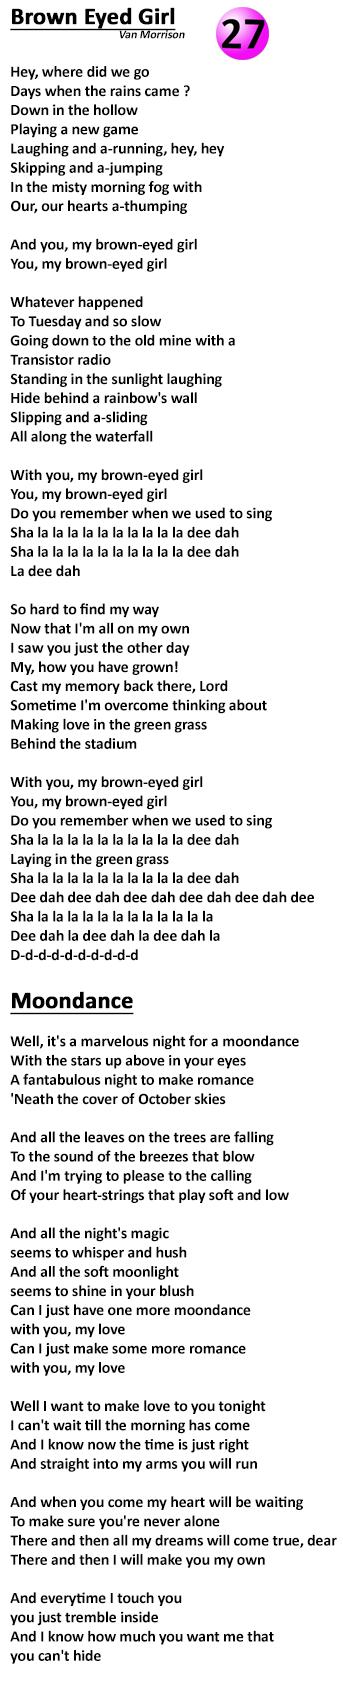 Index of /lyrics/